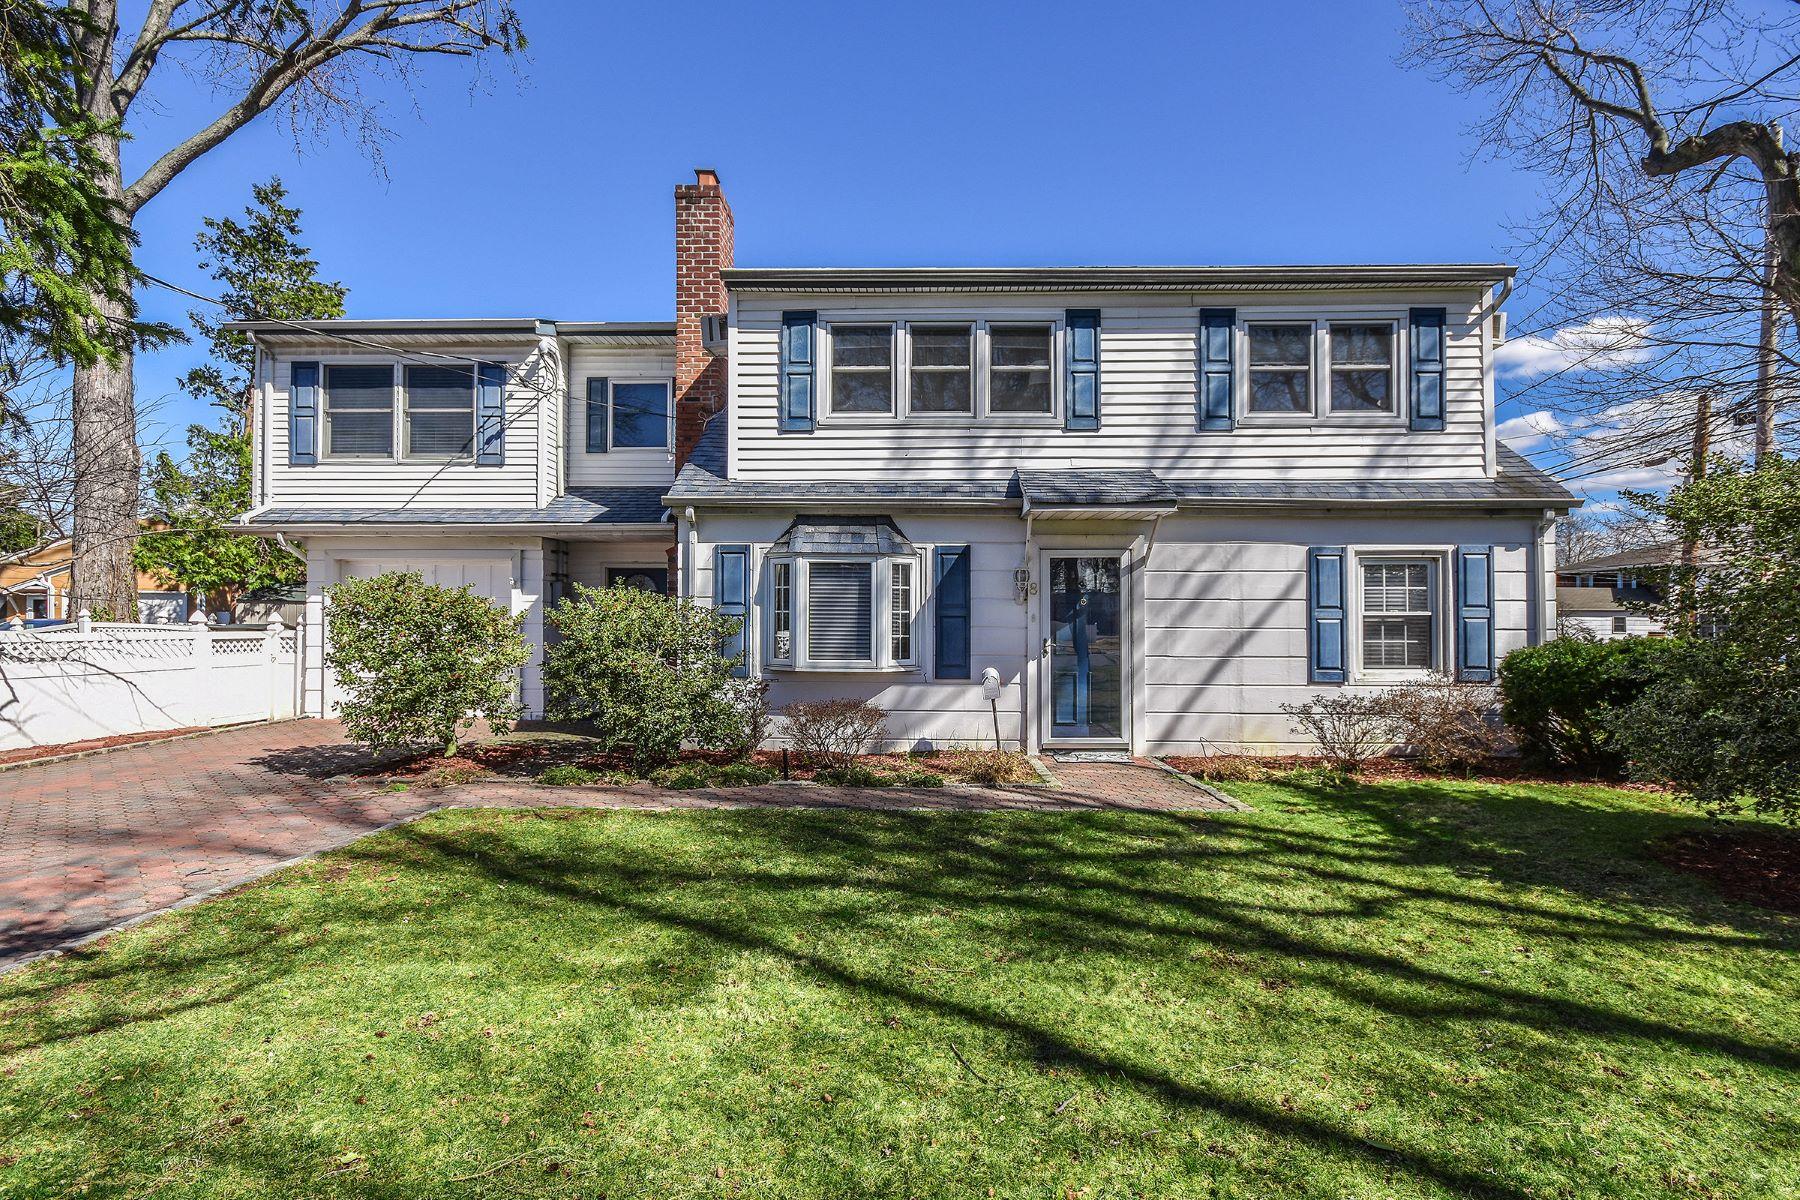 Частный односемейный дом для того Продажа на 8 Manhasset Ave , Port Washington, NY 11050 Port Washington, Нью-Йорк, 11050 Соединенные Штаты